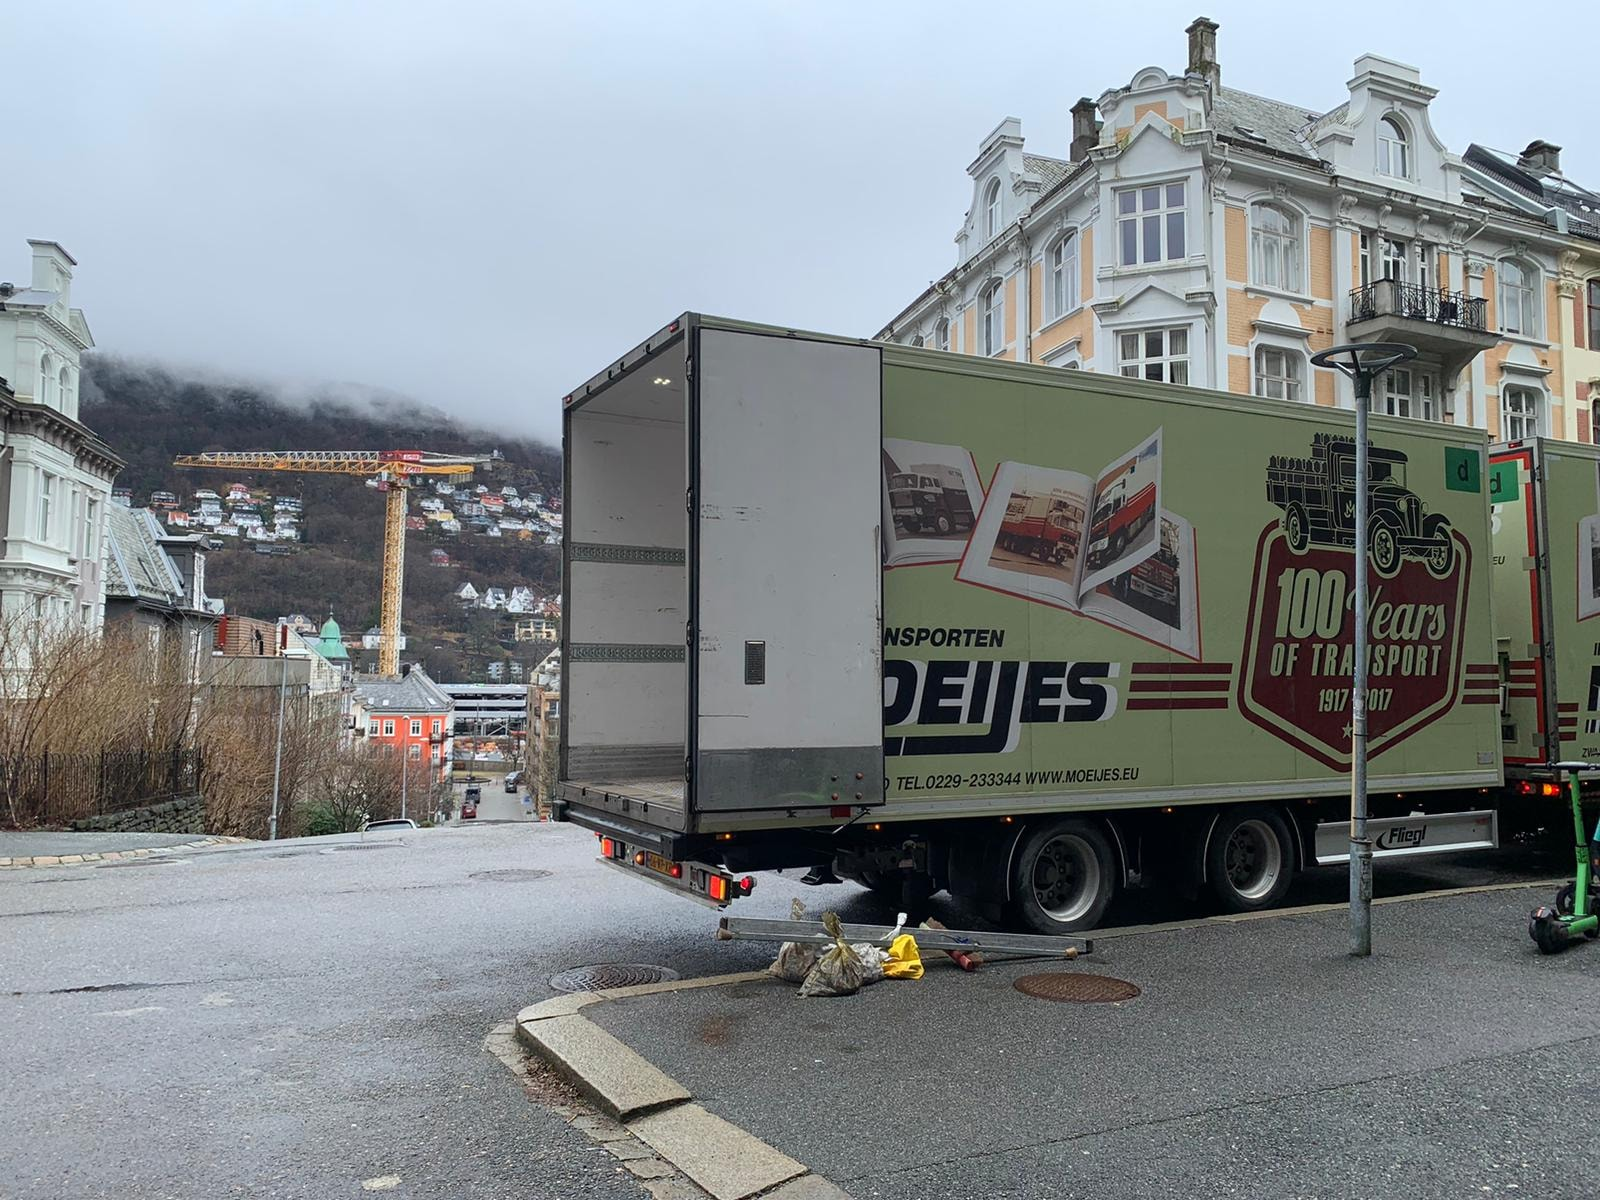 Danny-onderweg-naar-Bergen-in-Noowegen-23-3-2021--(6)